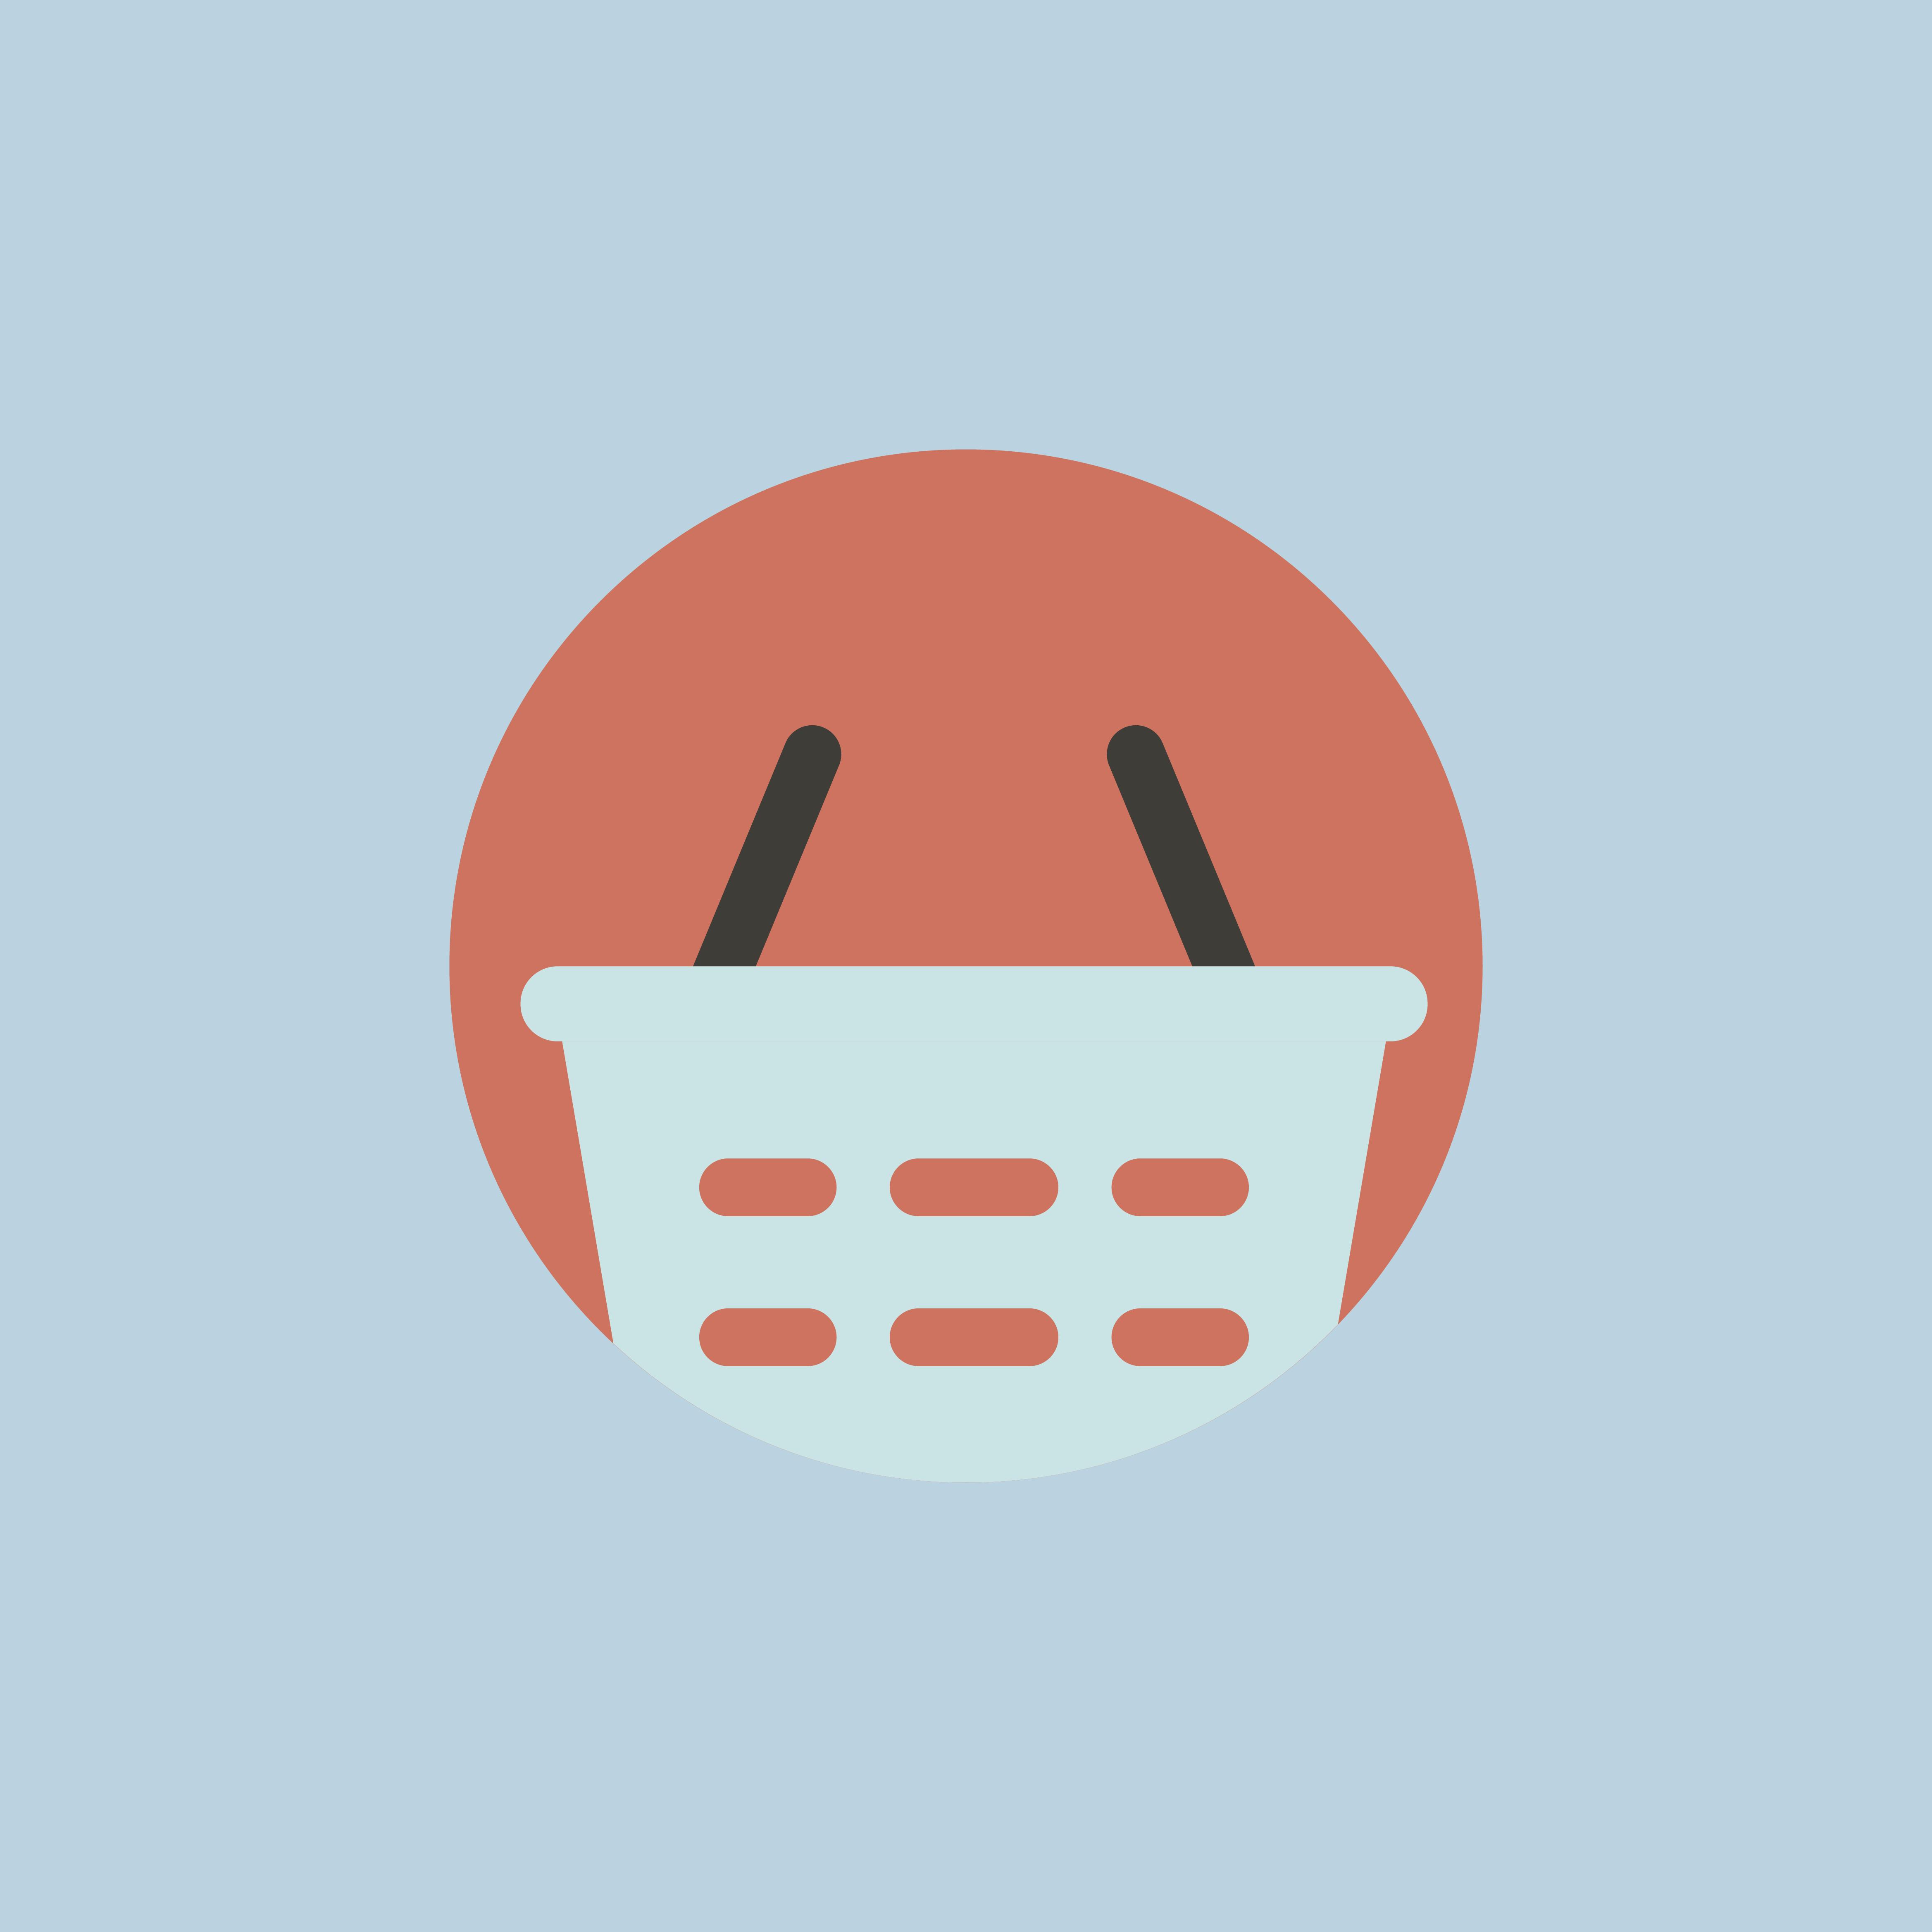 Digital marketing icon vector - Download Free Vectors ...